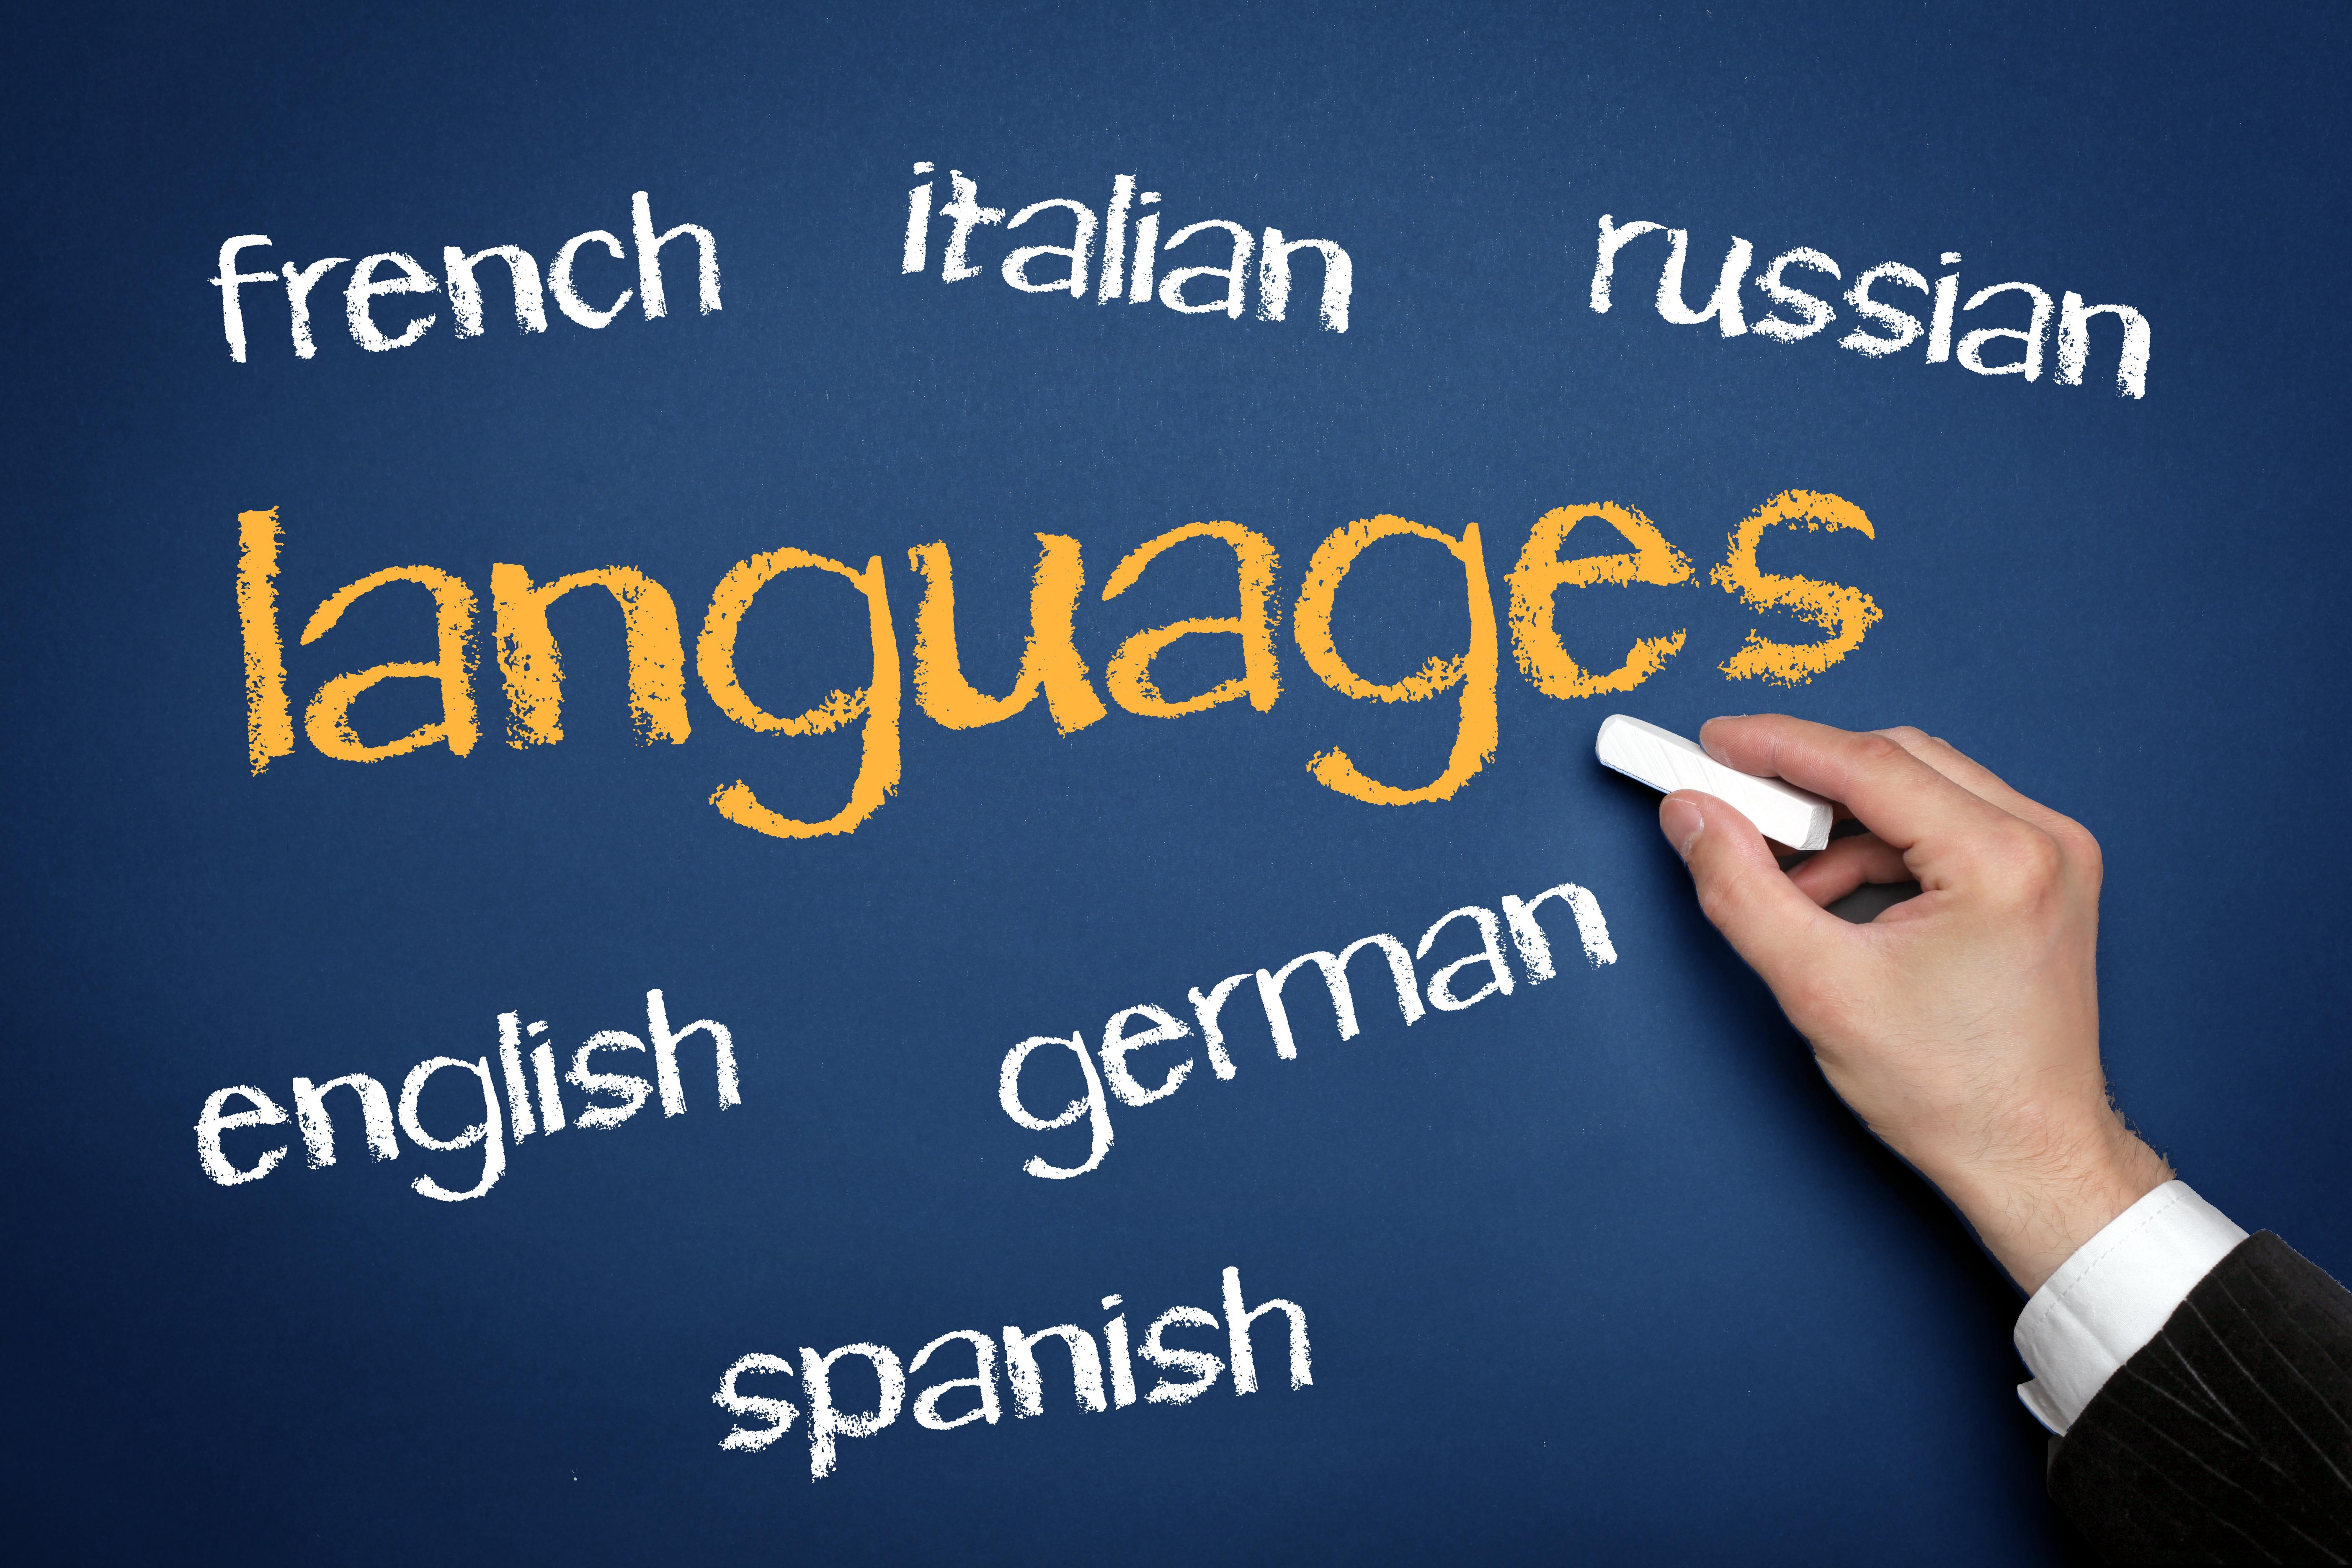 Ontplooi jezelf dankzij vreemde talen